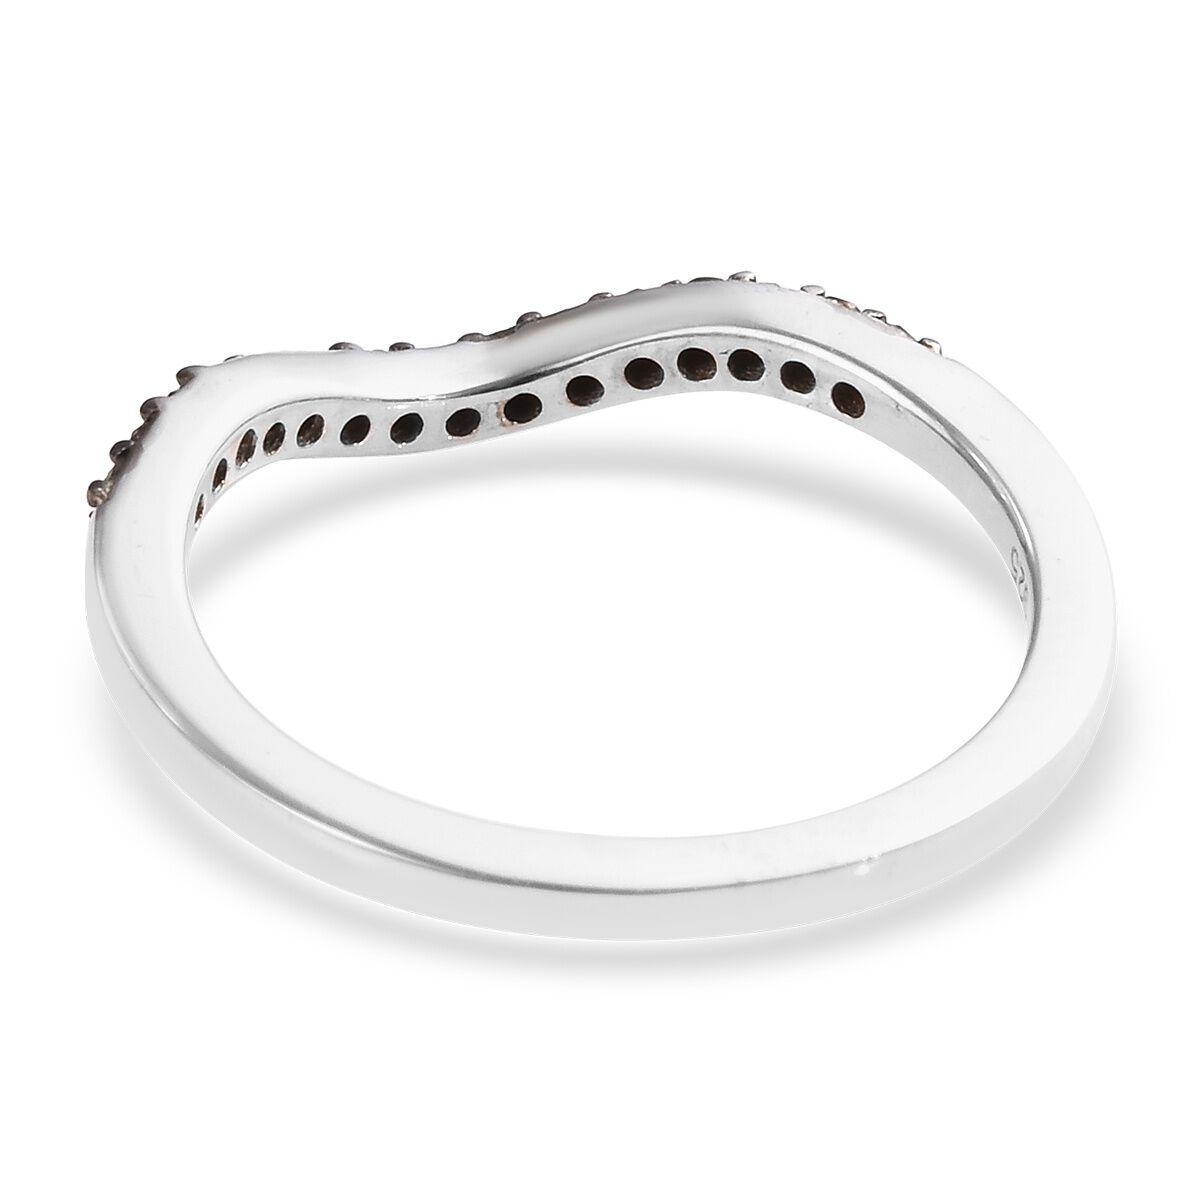 Free Engraving! Ladies 18kt Genuine Gold Filled Wishbone Ring WISH UPON A STAR